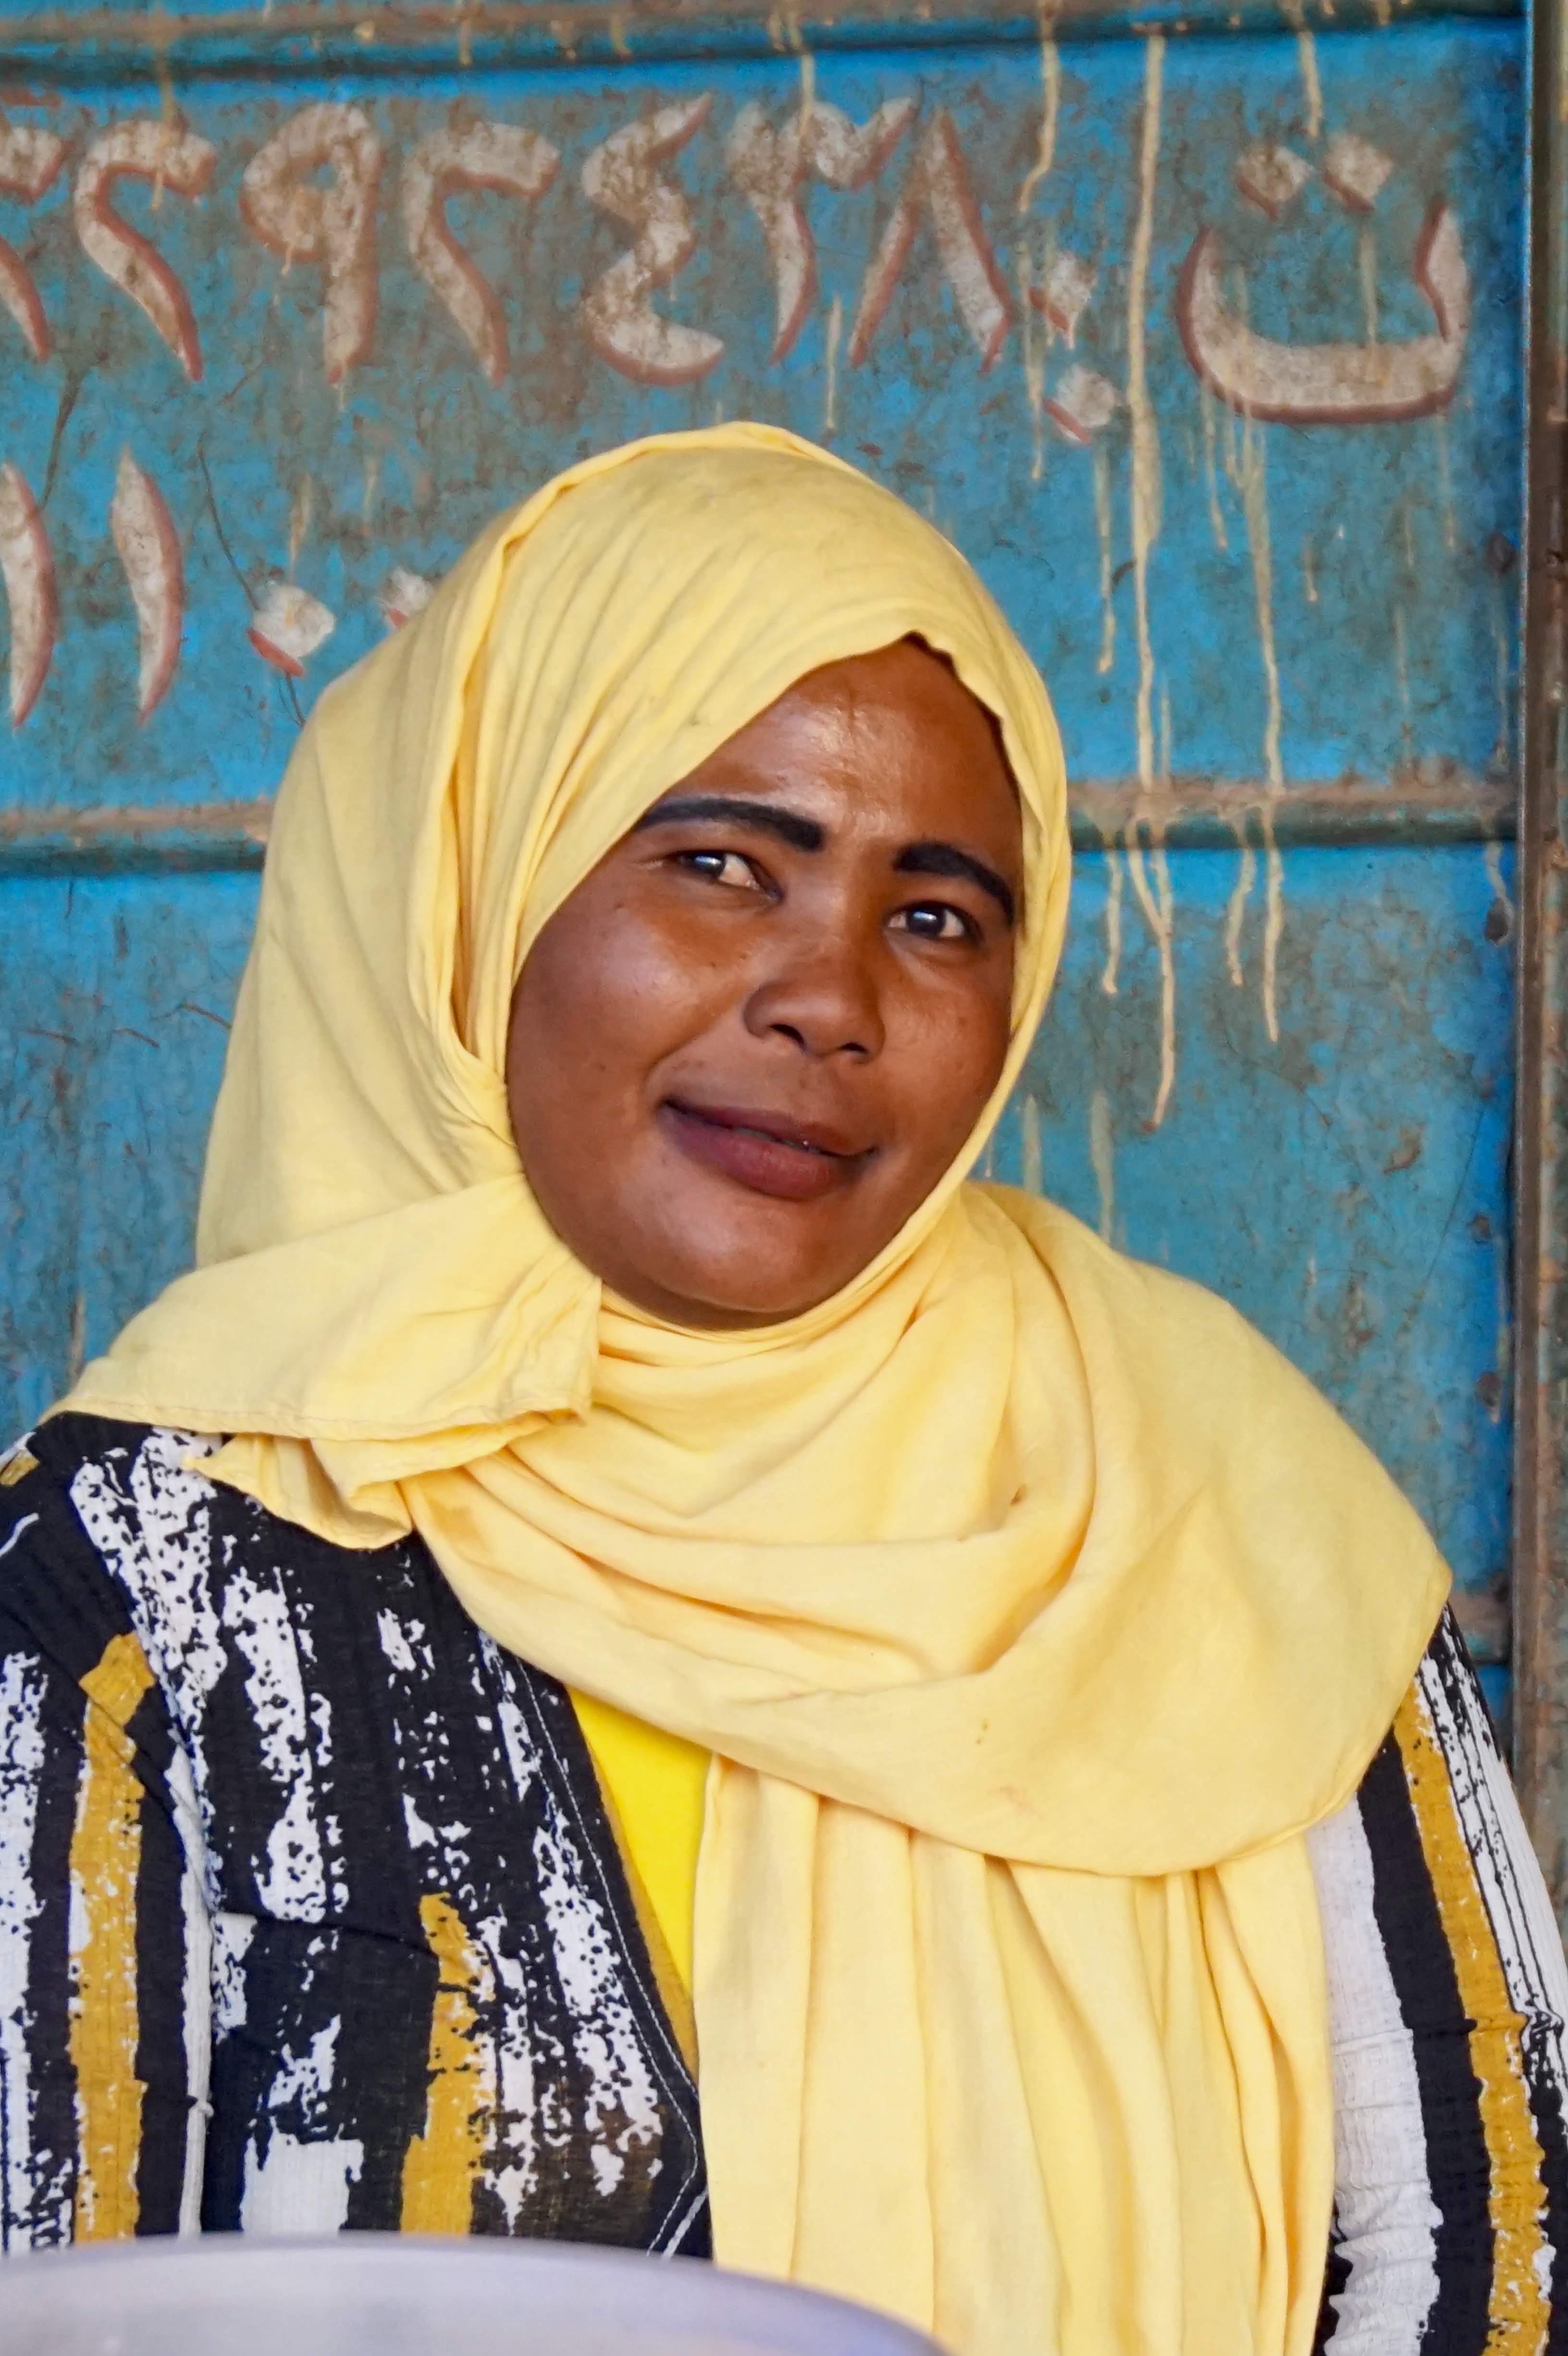 SudansTeaLadiesKeepTheLocalPopulationRefreshedWithTheirSugar-LadenHotBeverages